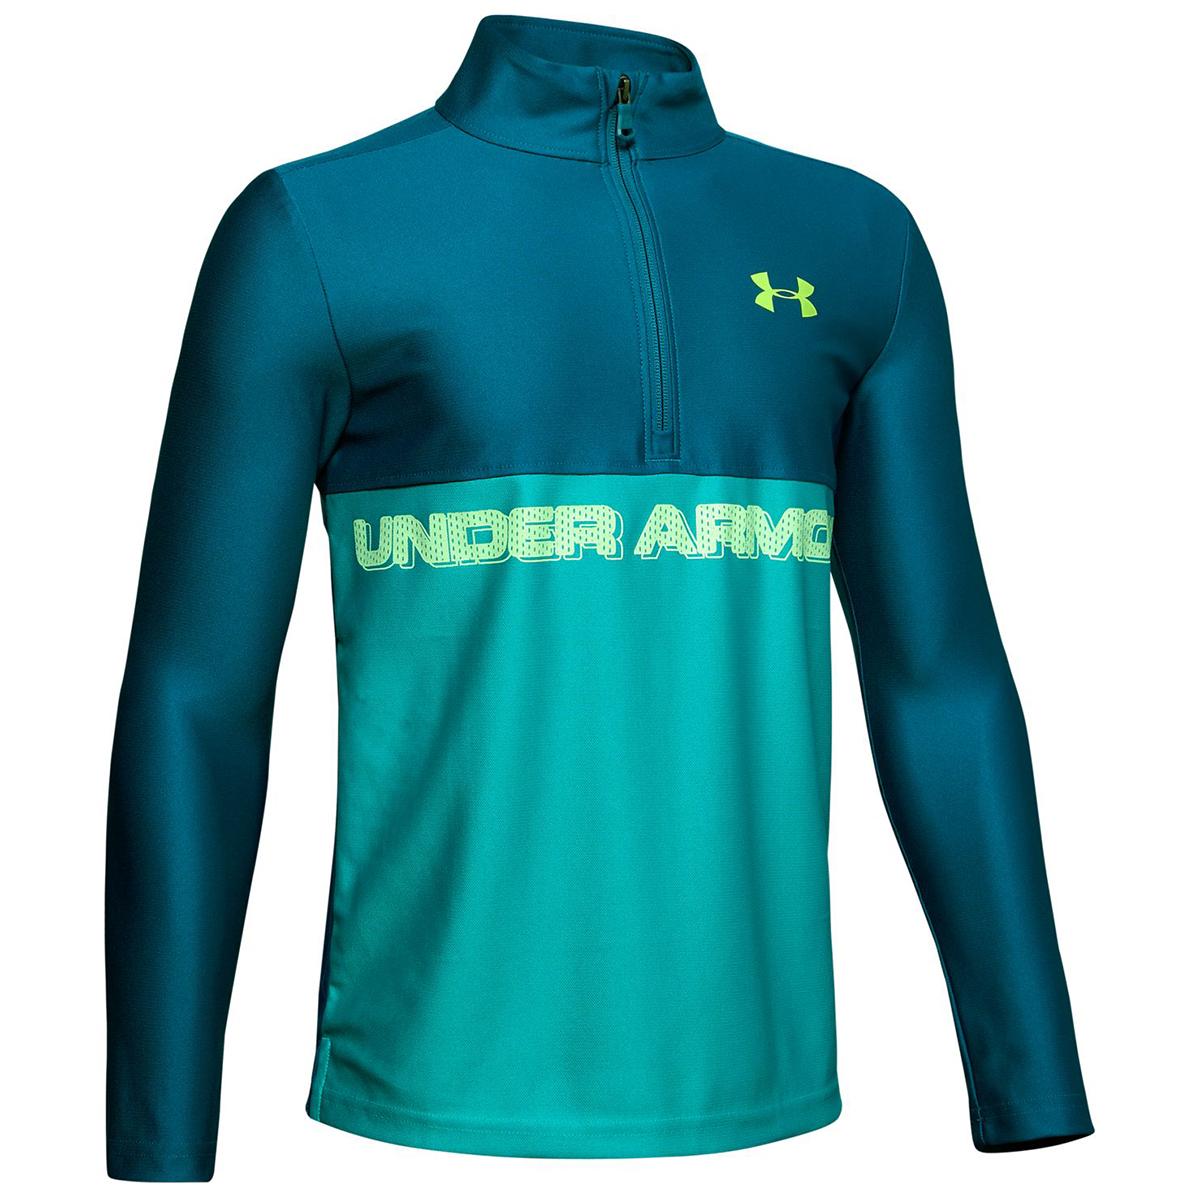 Under Armour Boys' Tech Half Zip Long-Sleeve Shirt - Green, M